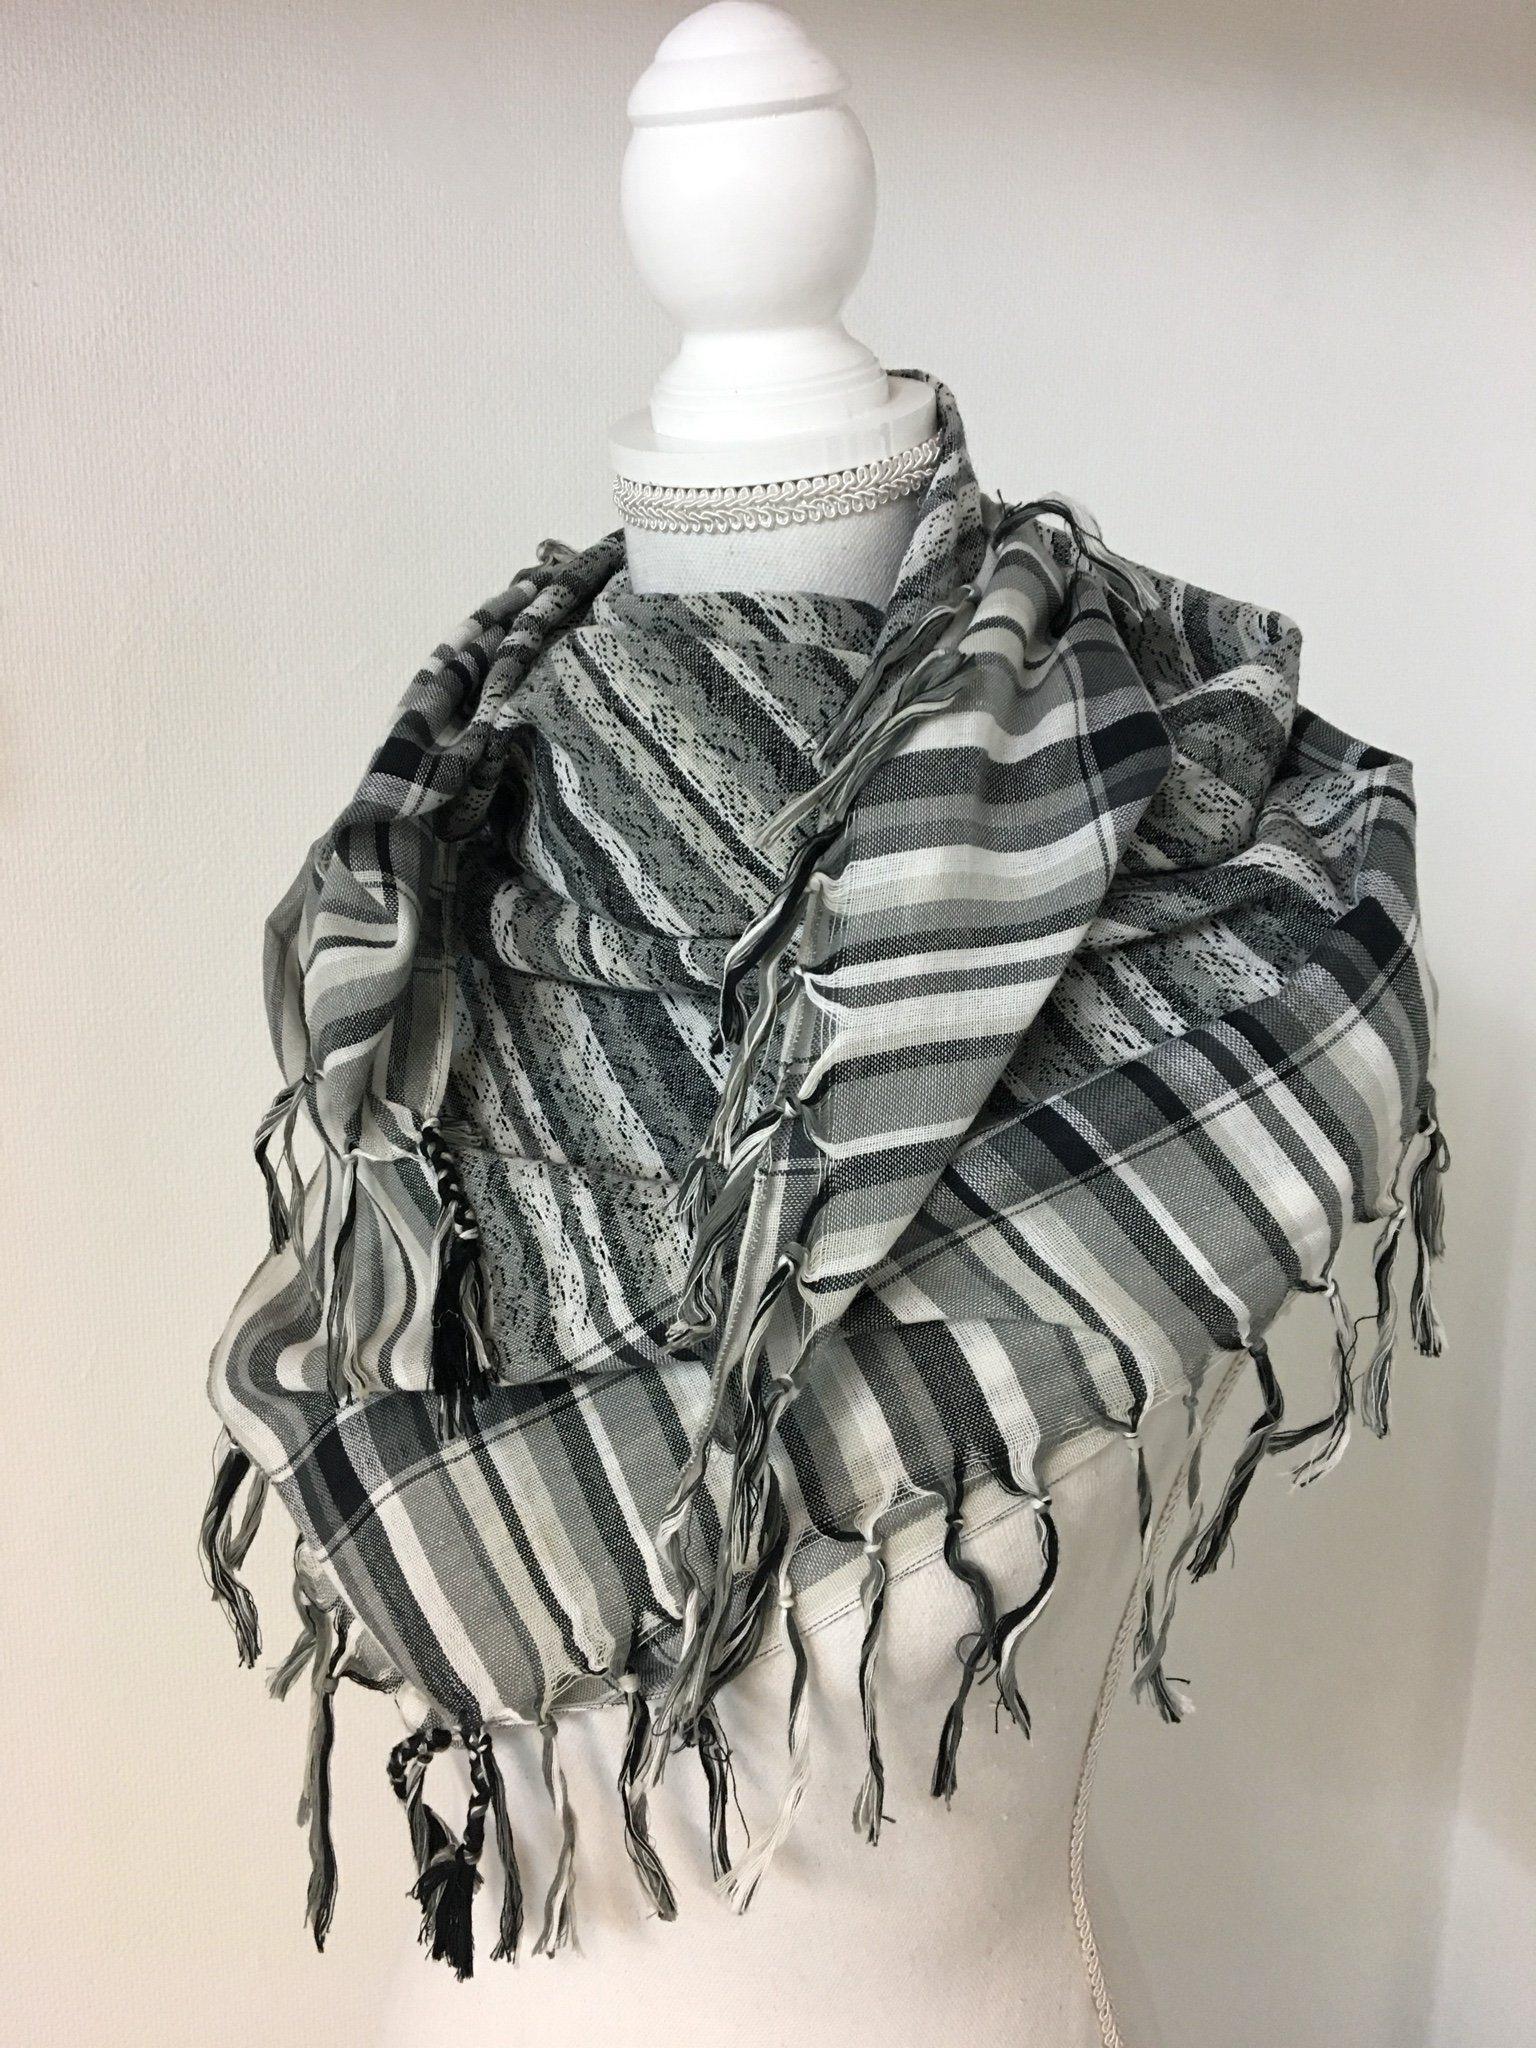 Snygg sjal halsduk svart grå vit med fransar (341400847) ᐈ Köp på ... 8620a8340da67